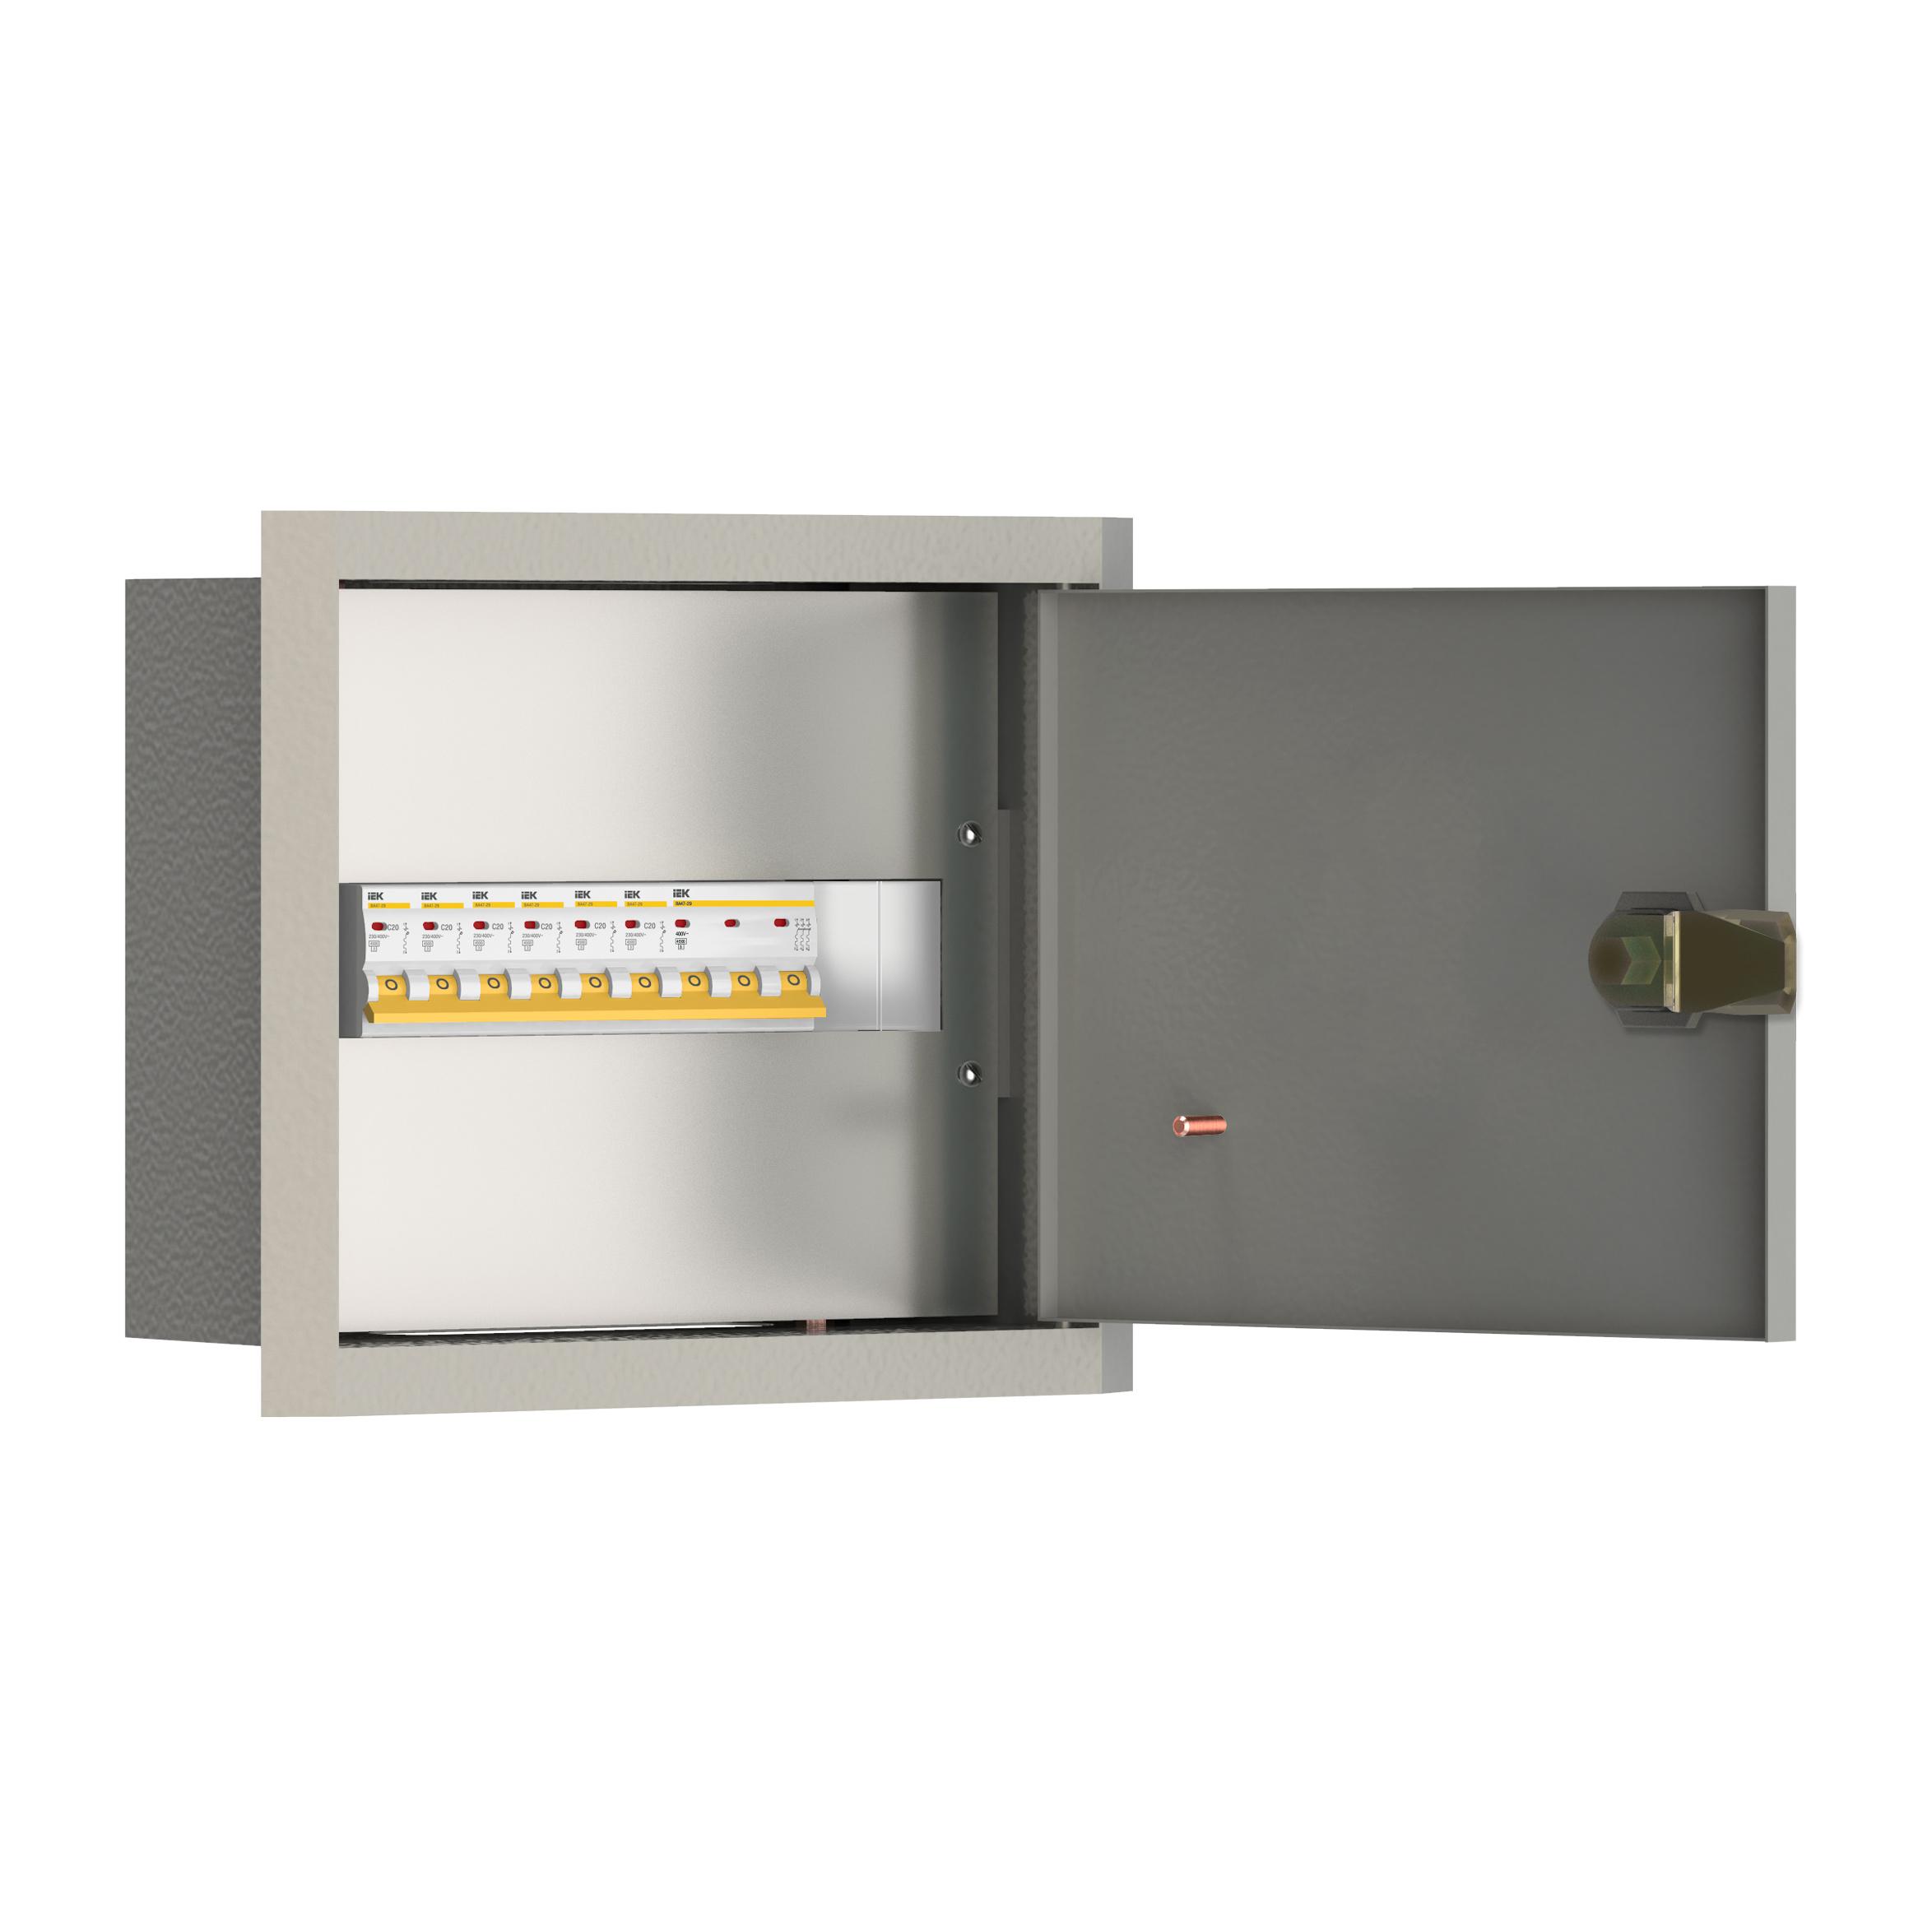 Щиток осветительный УОЩВ утопленный с автоматическими выключателями 3p 1х63А 1p 6х16А IEK